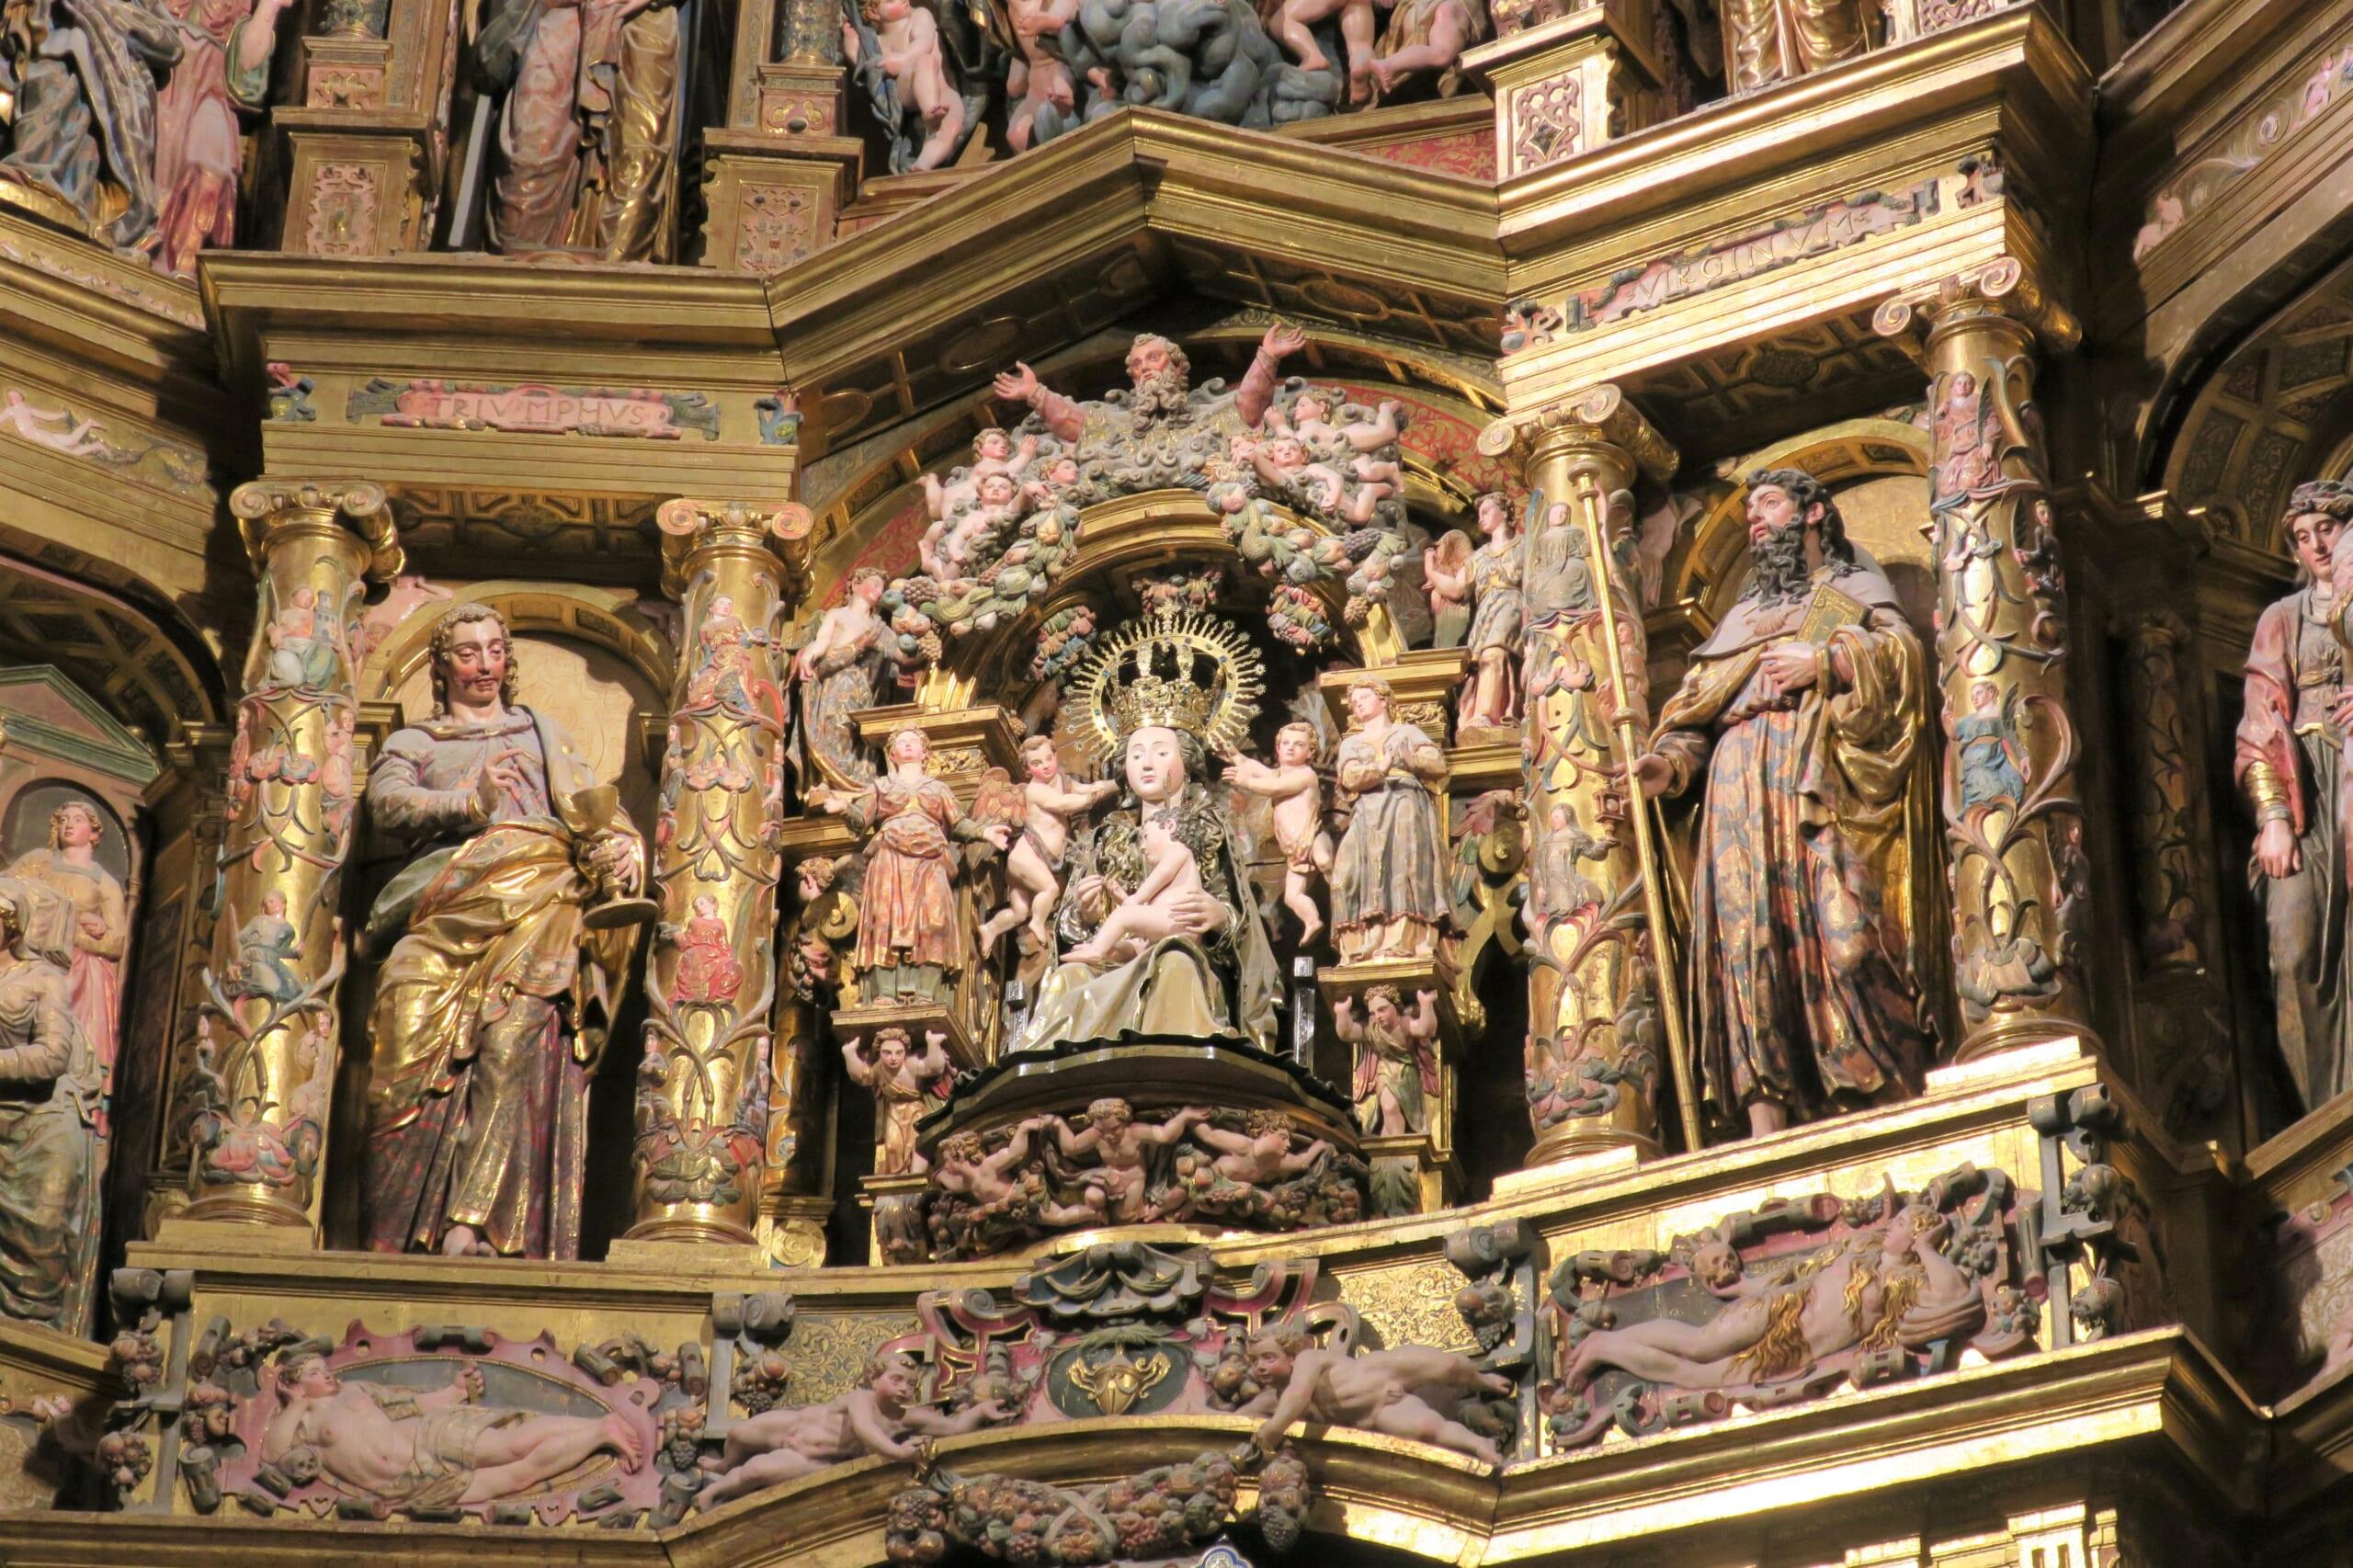 北スペインのサンティアゴ巡礼路の経由地であるブルゴス大聖堂の衝立装飾